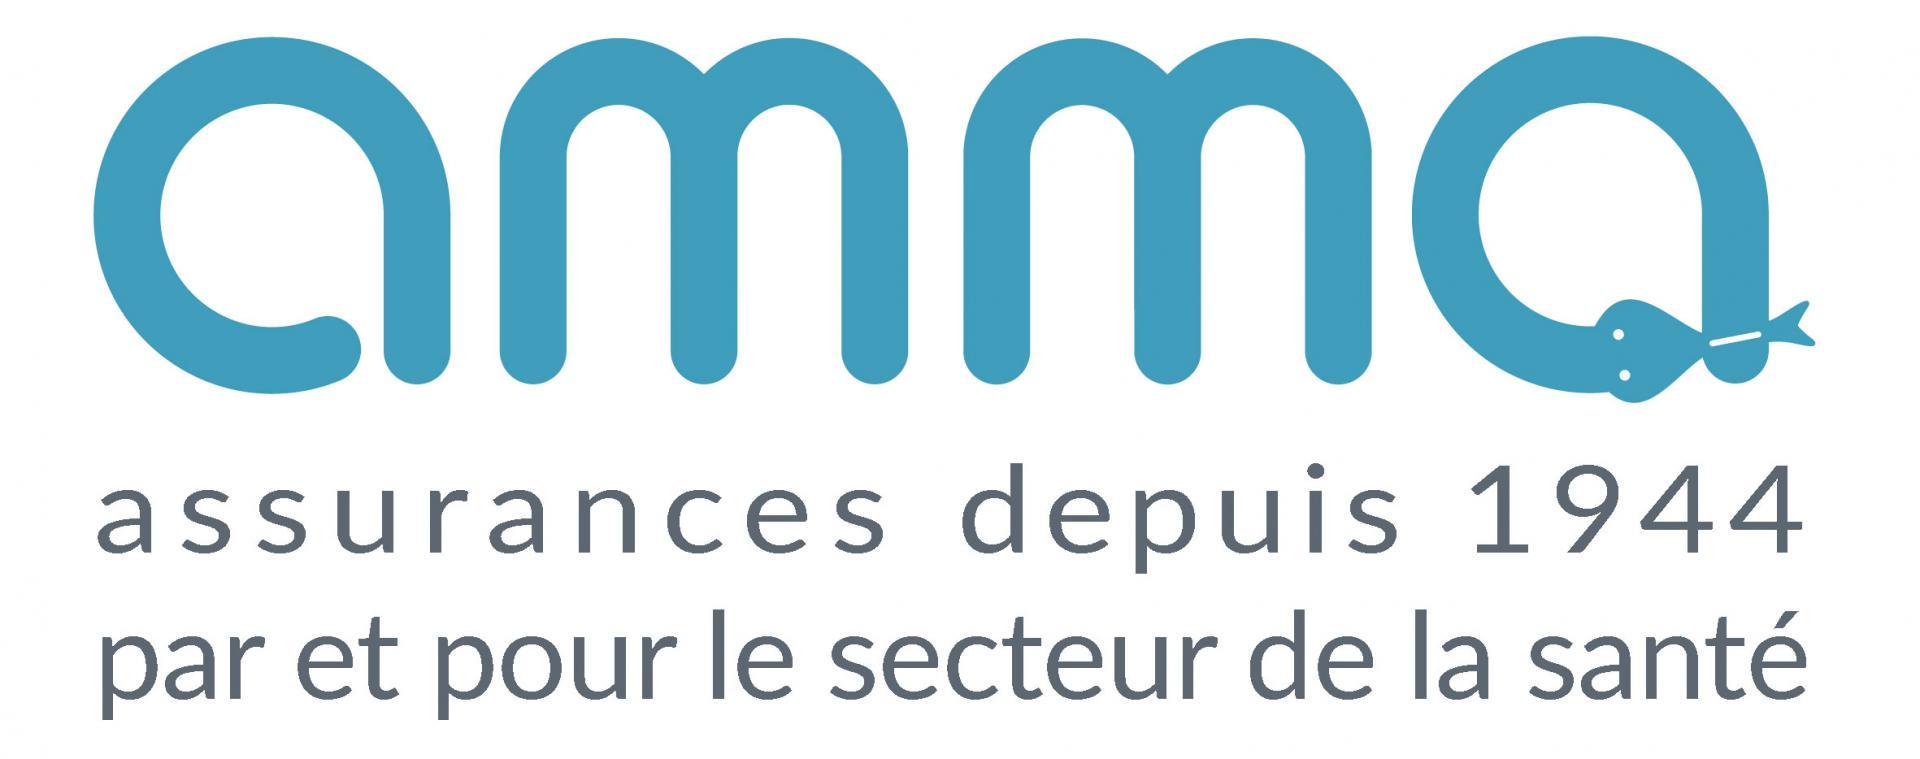 2017 logo fr hd